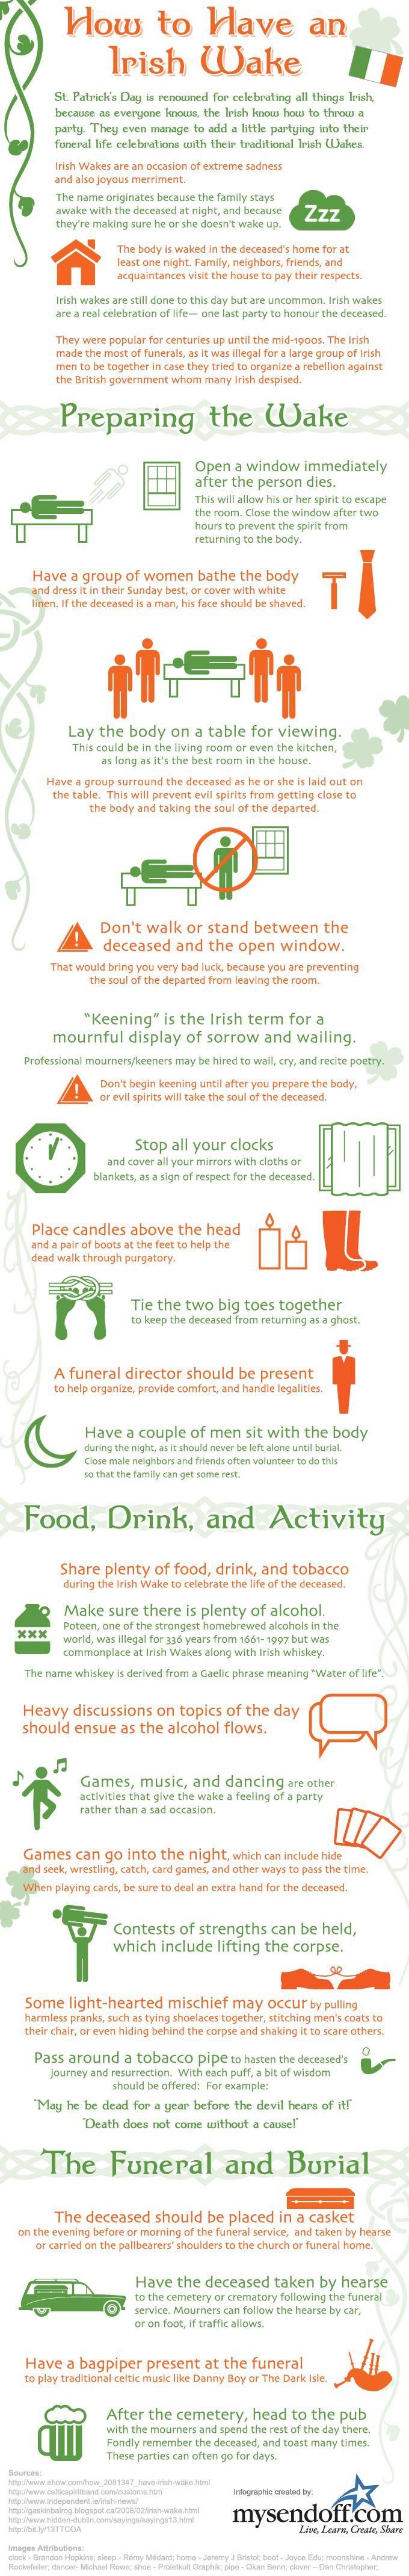 Guide to Irish Wake